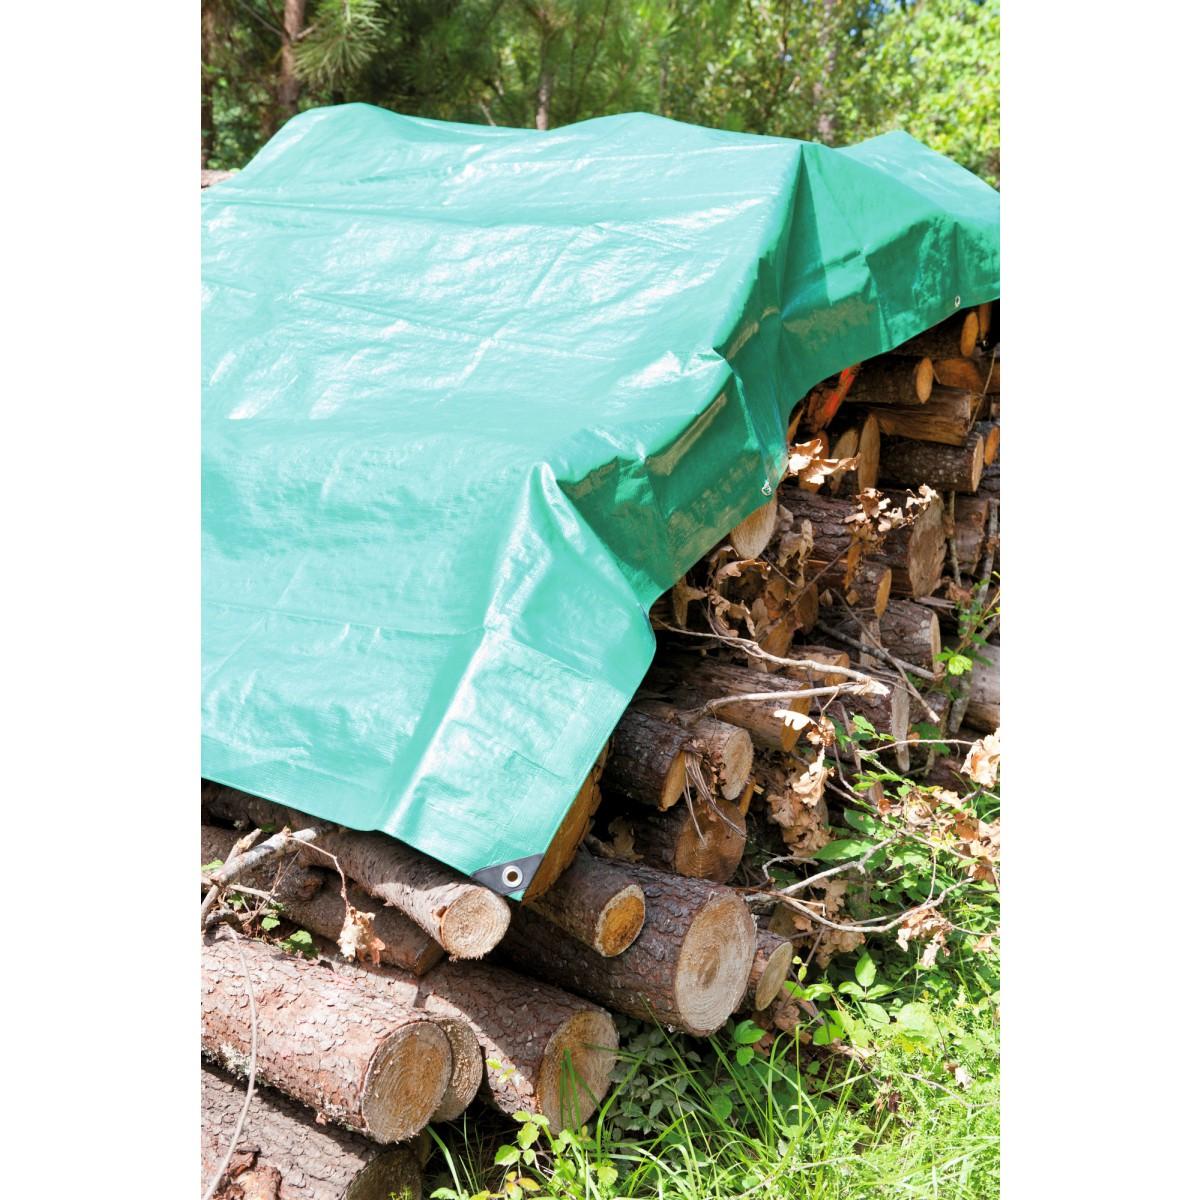 B che de st re bois cap vert dimensions 2 x 8 m de b che de st re bois - Prix d un stere de bois ...